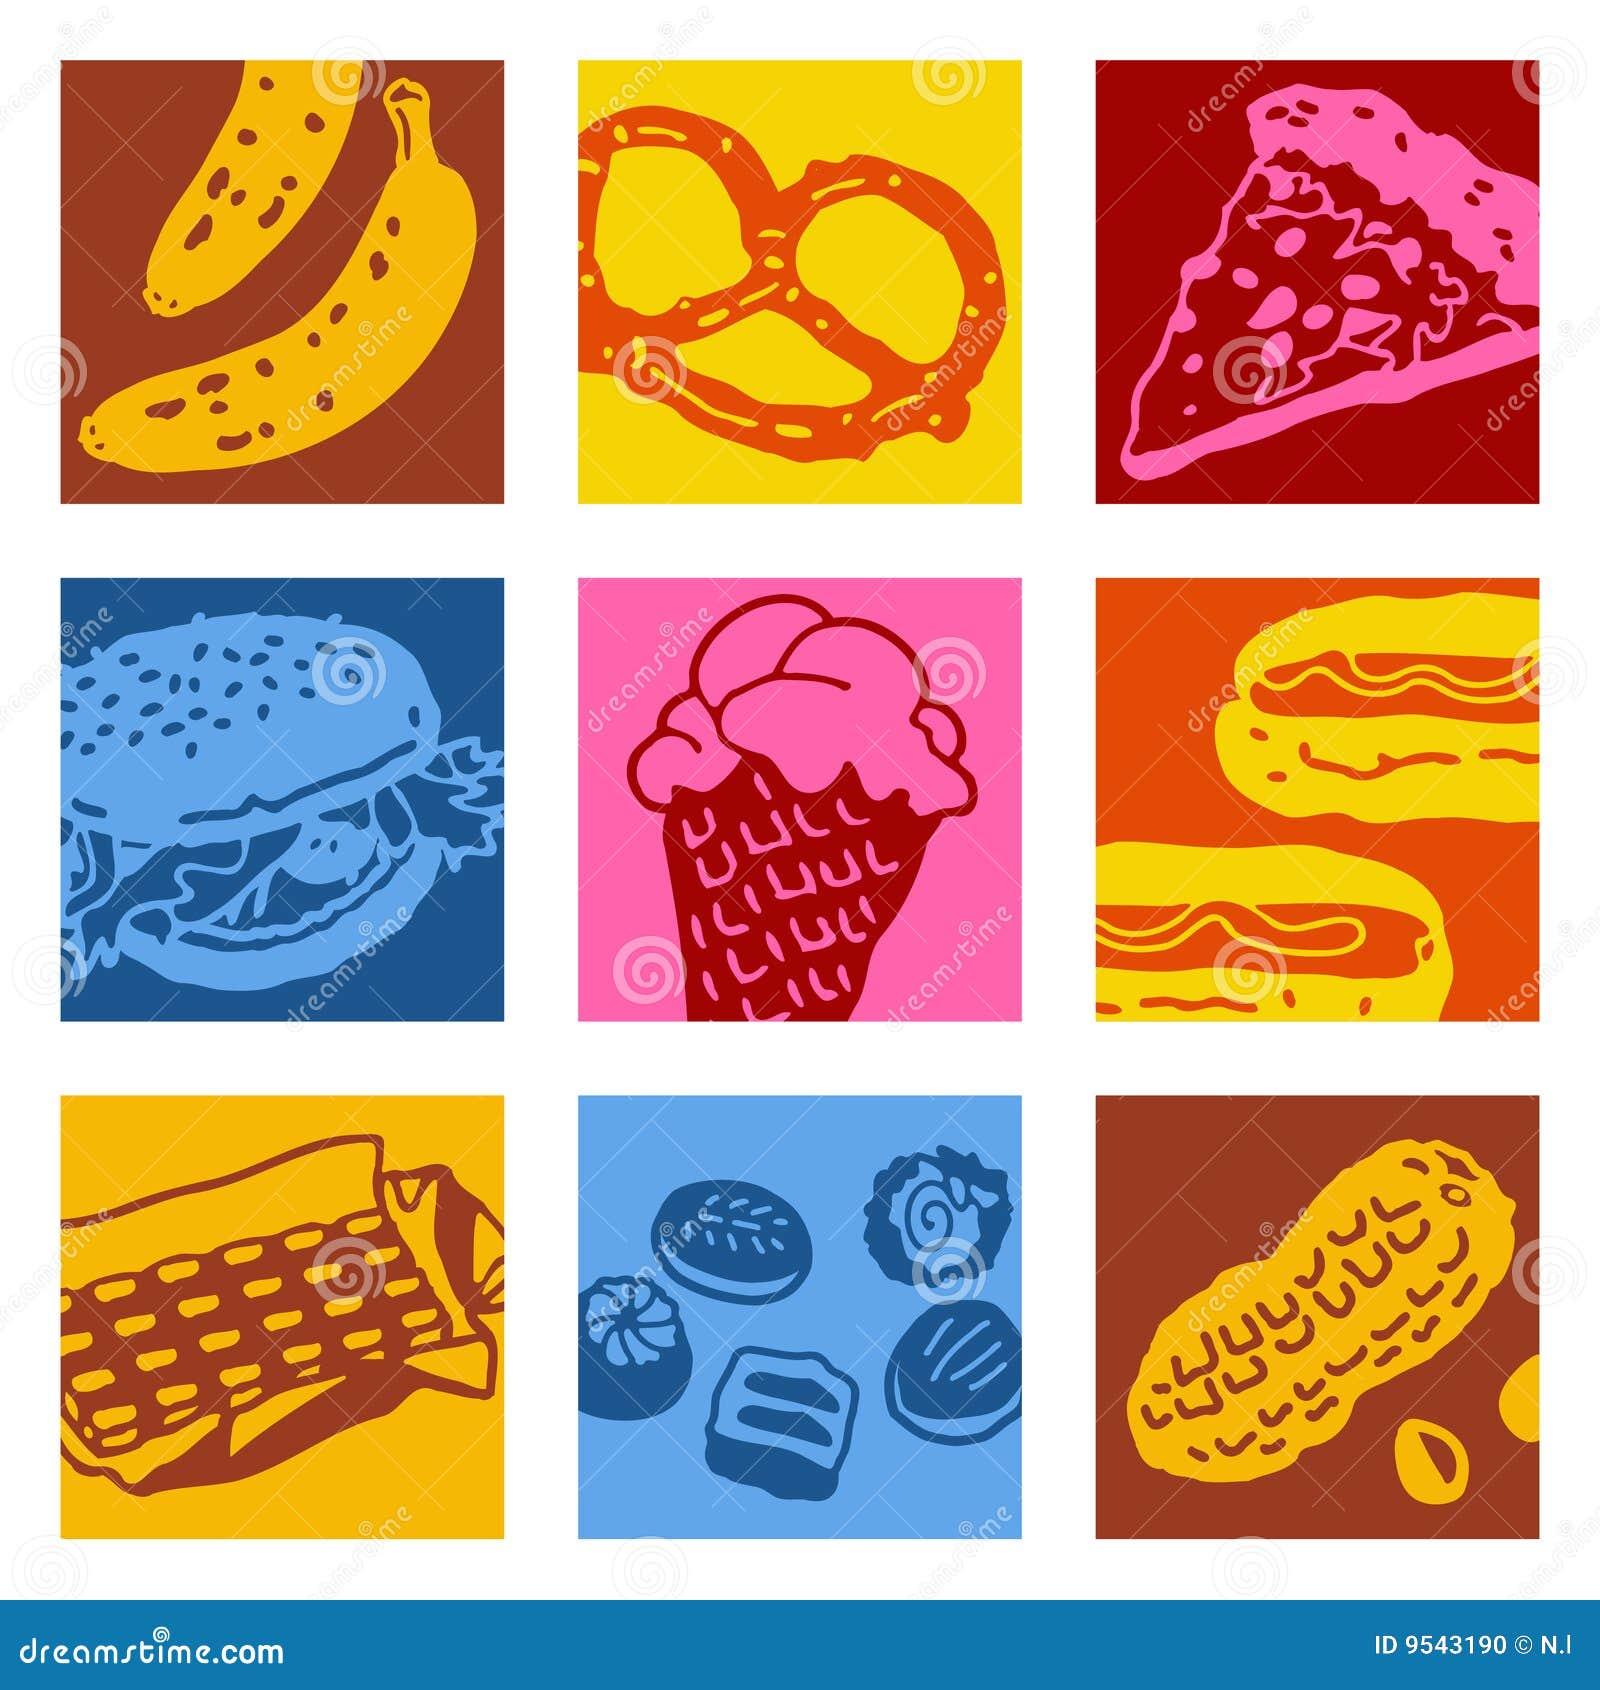 Pop art objects - food